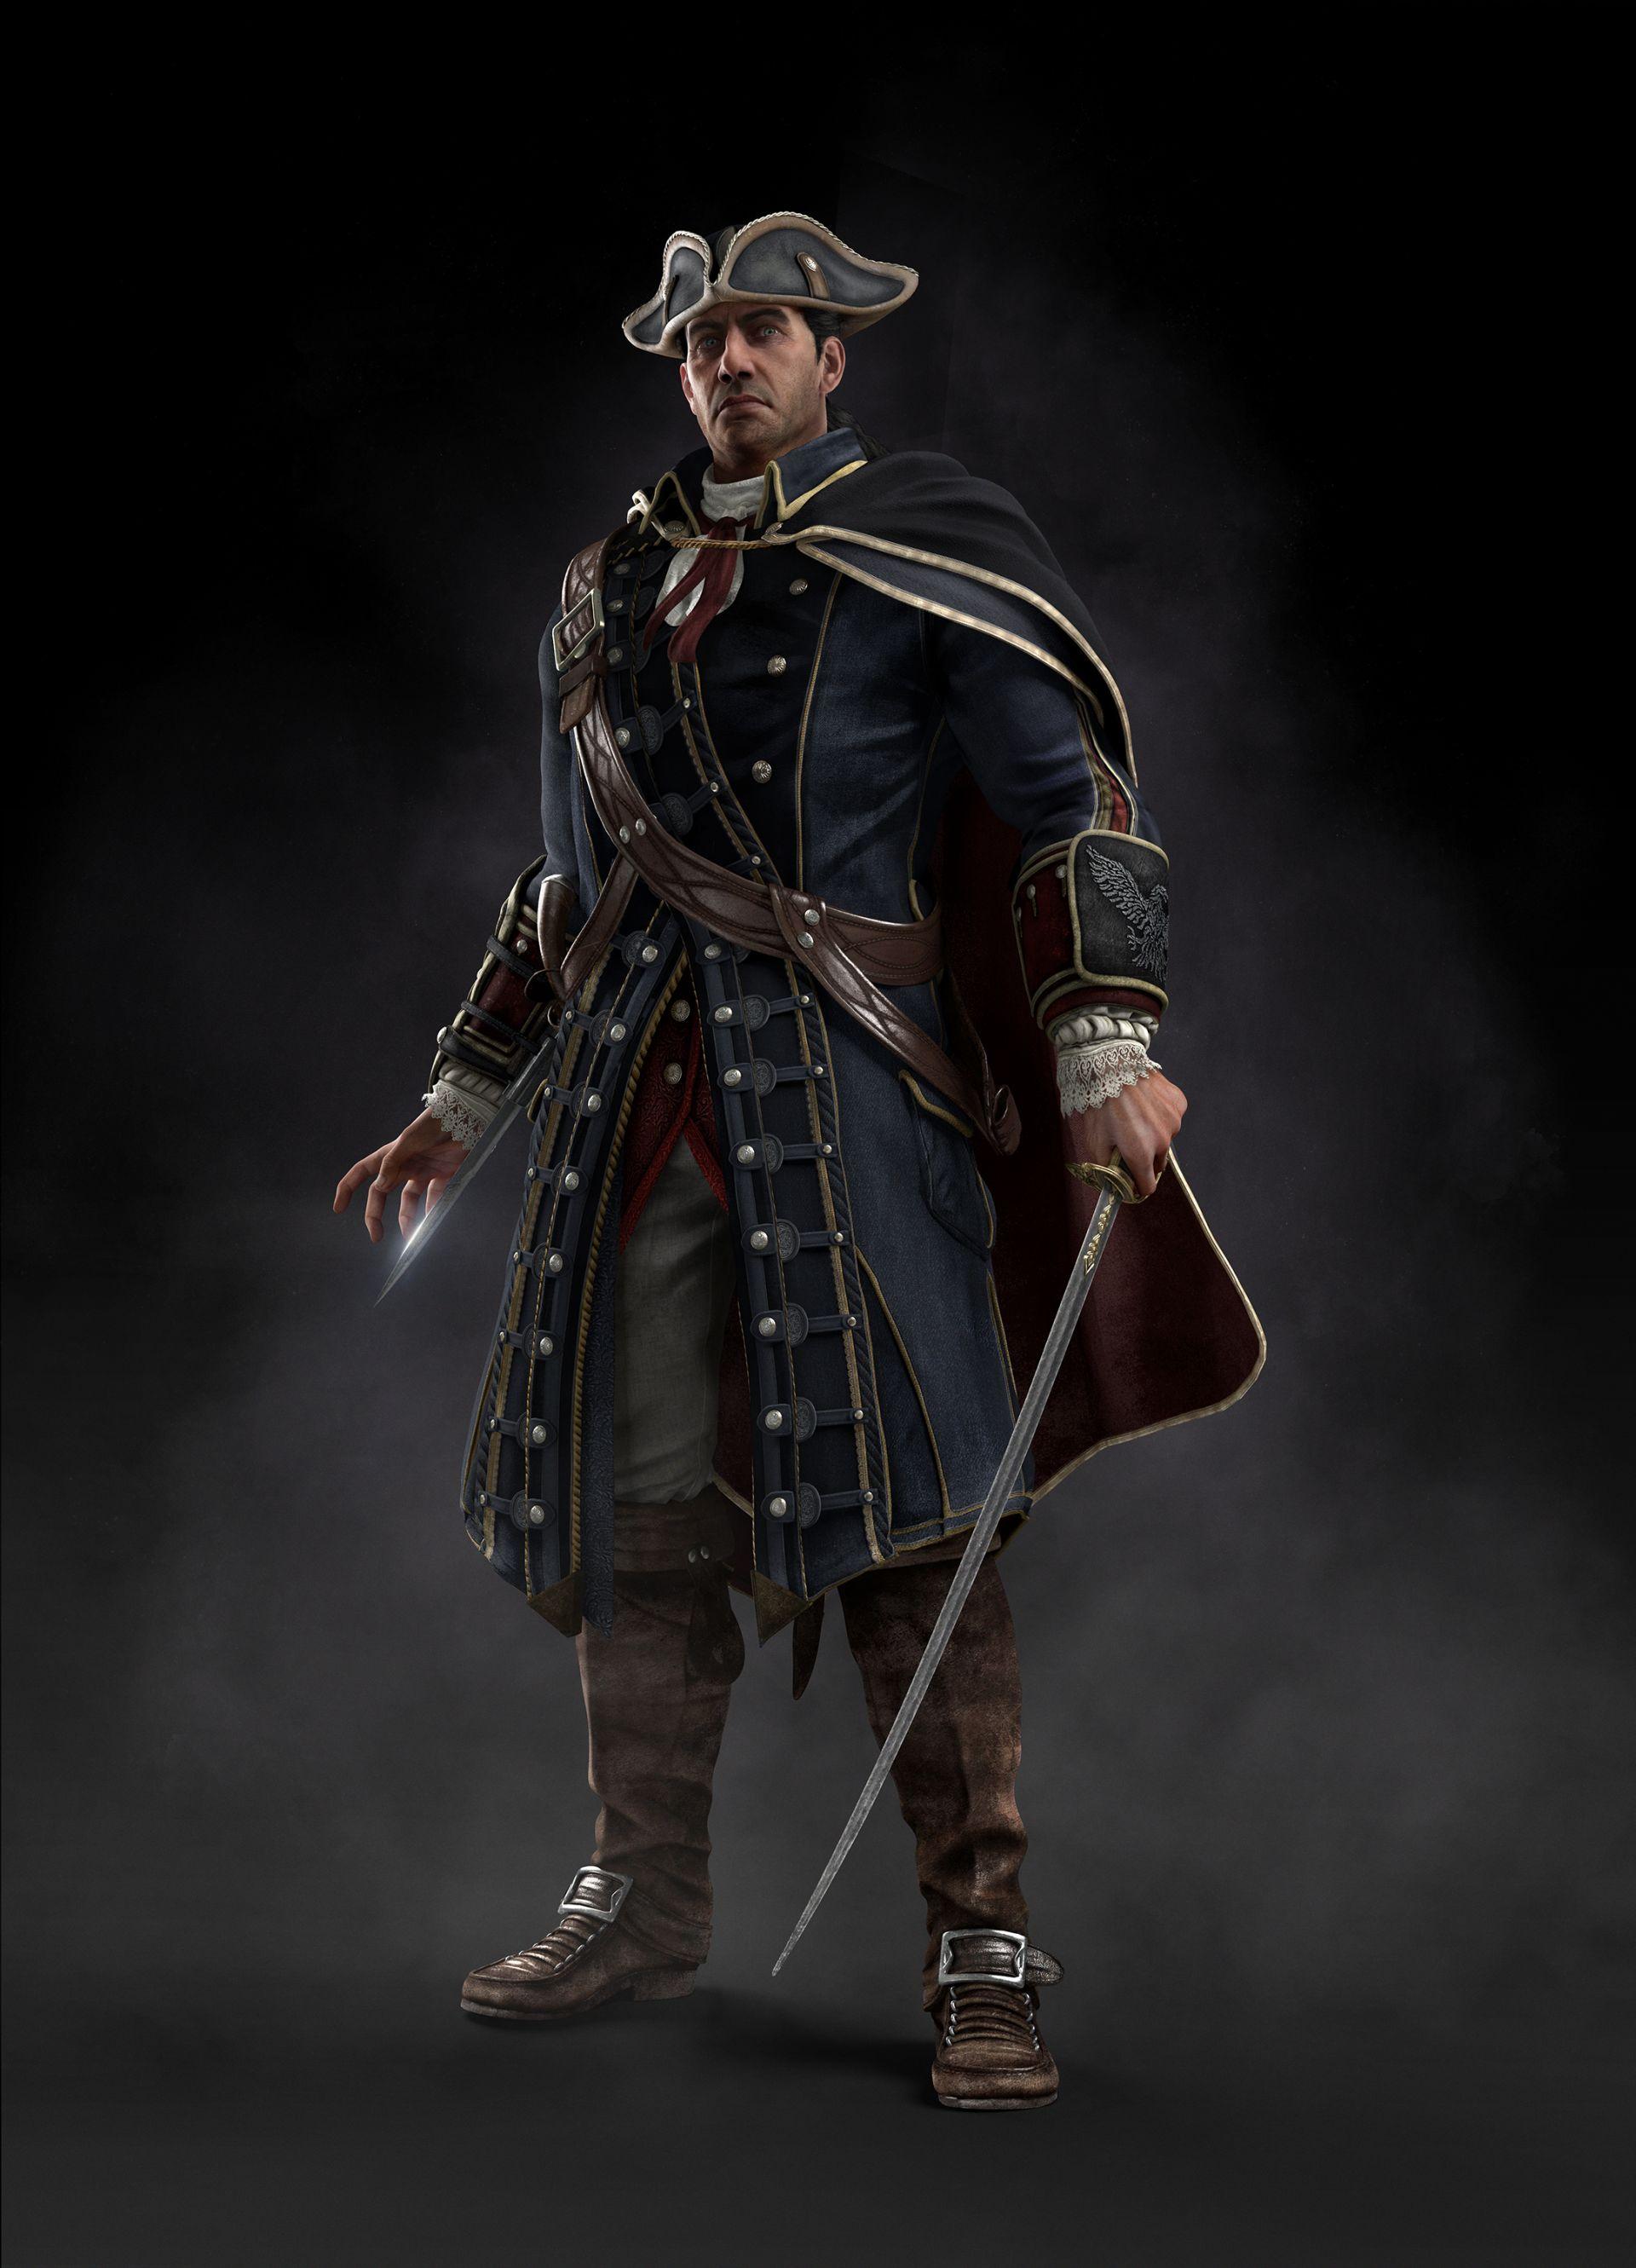 Příběhový trailer Assassin's Creed: Rogue potvrdil PC verzi 101343